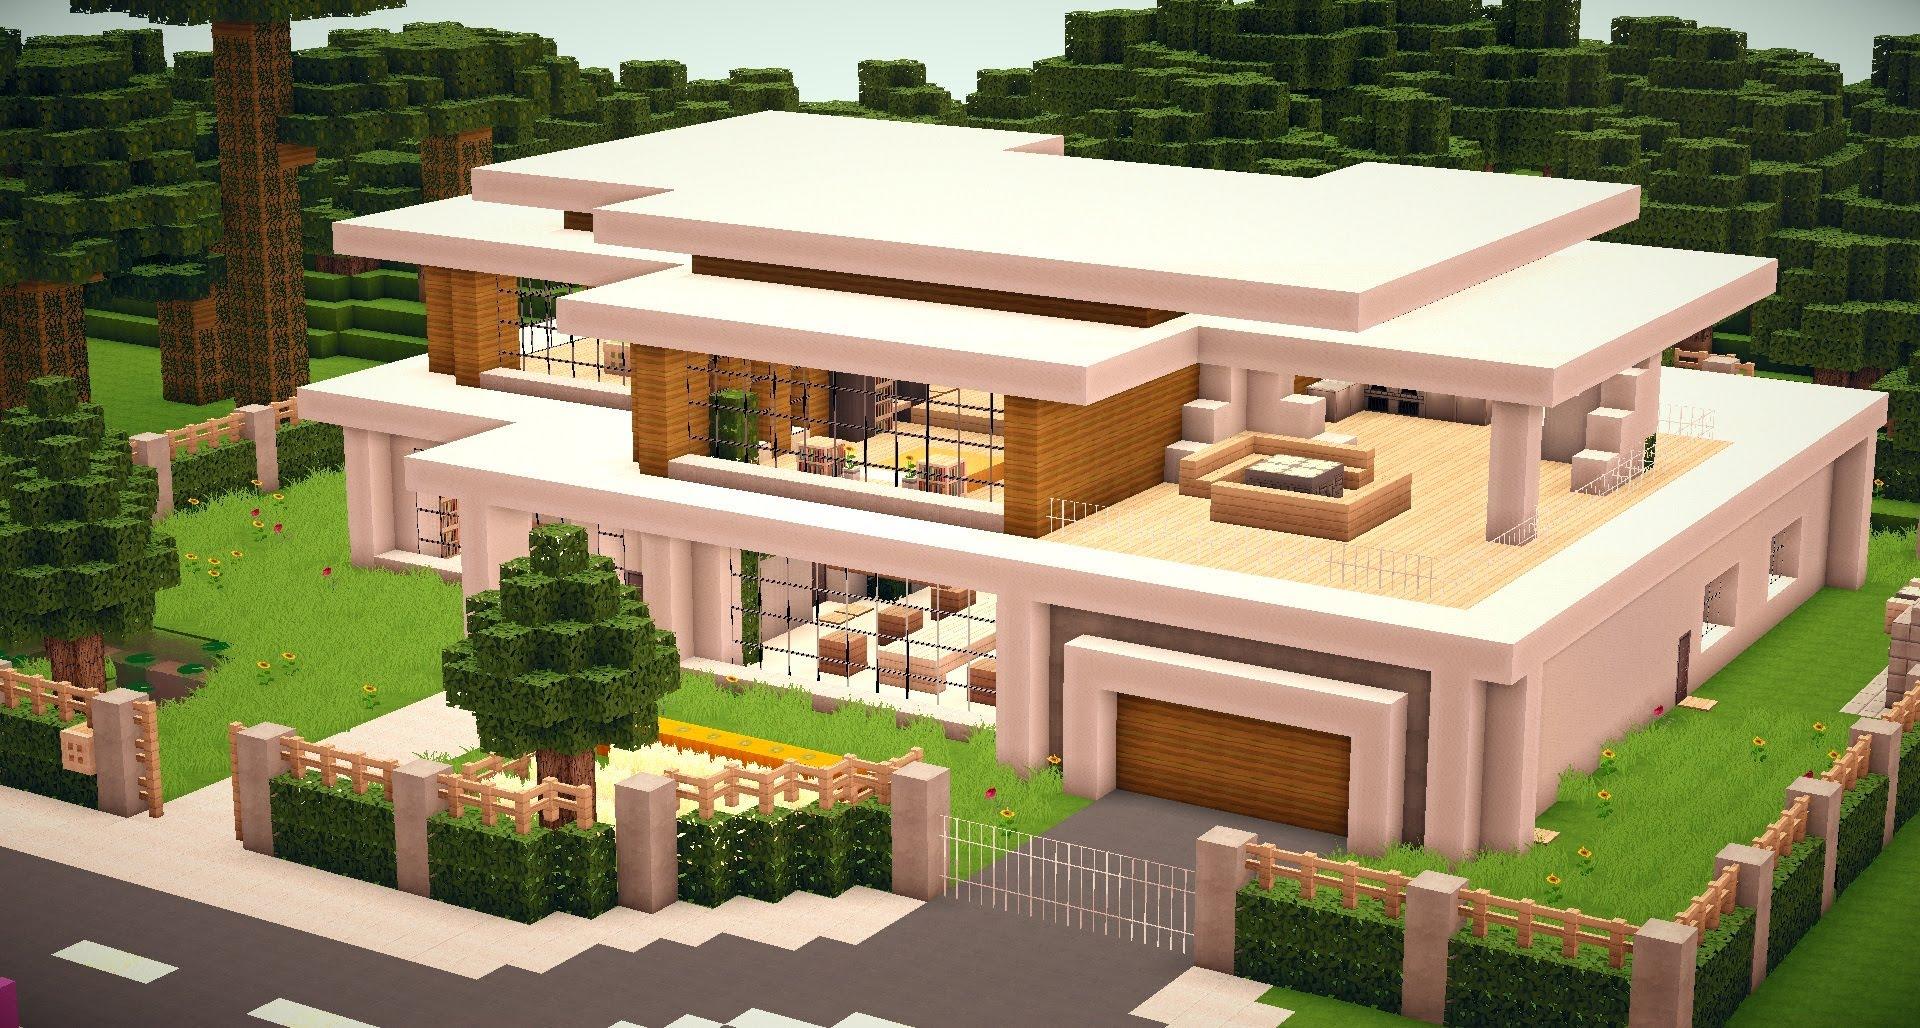 minecraft villa mit garten in minecraft bauen minecraft. Black Bedroom Furniture Sets. Home Design Ideas